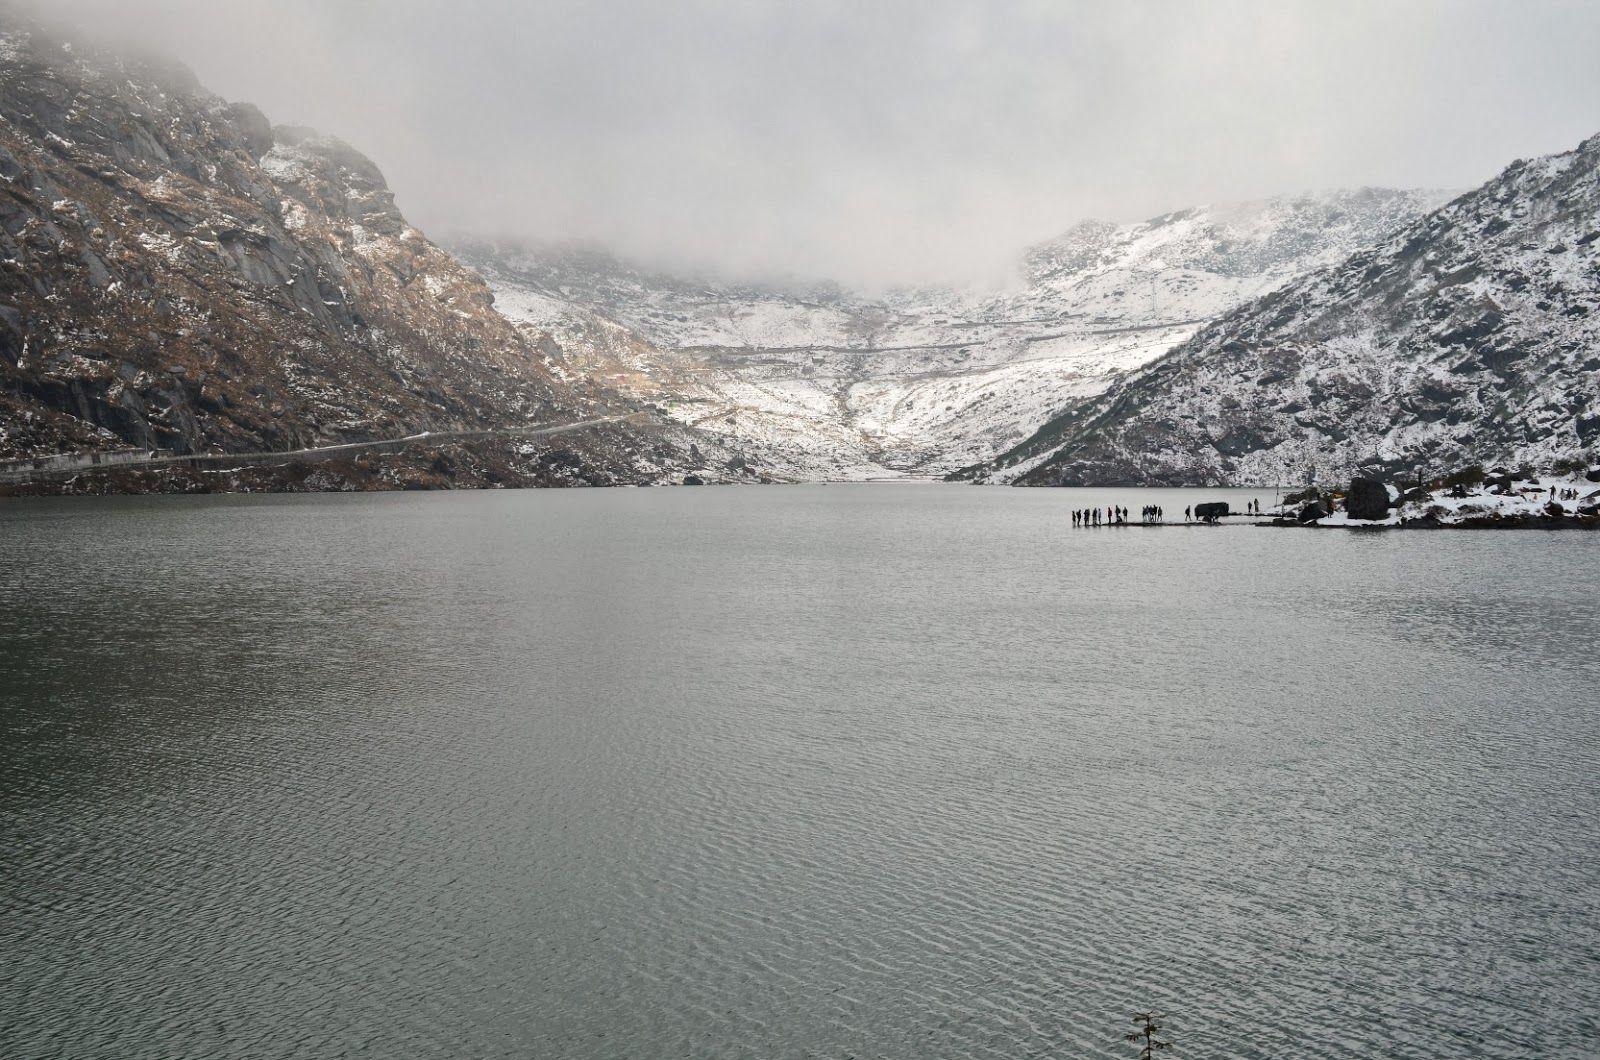 Jyoti's Pages: Saturday Snapshot - Tsongmo/Changu Lake - Sikkim